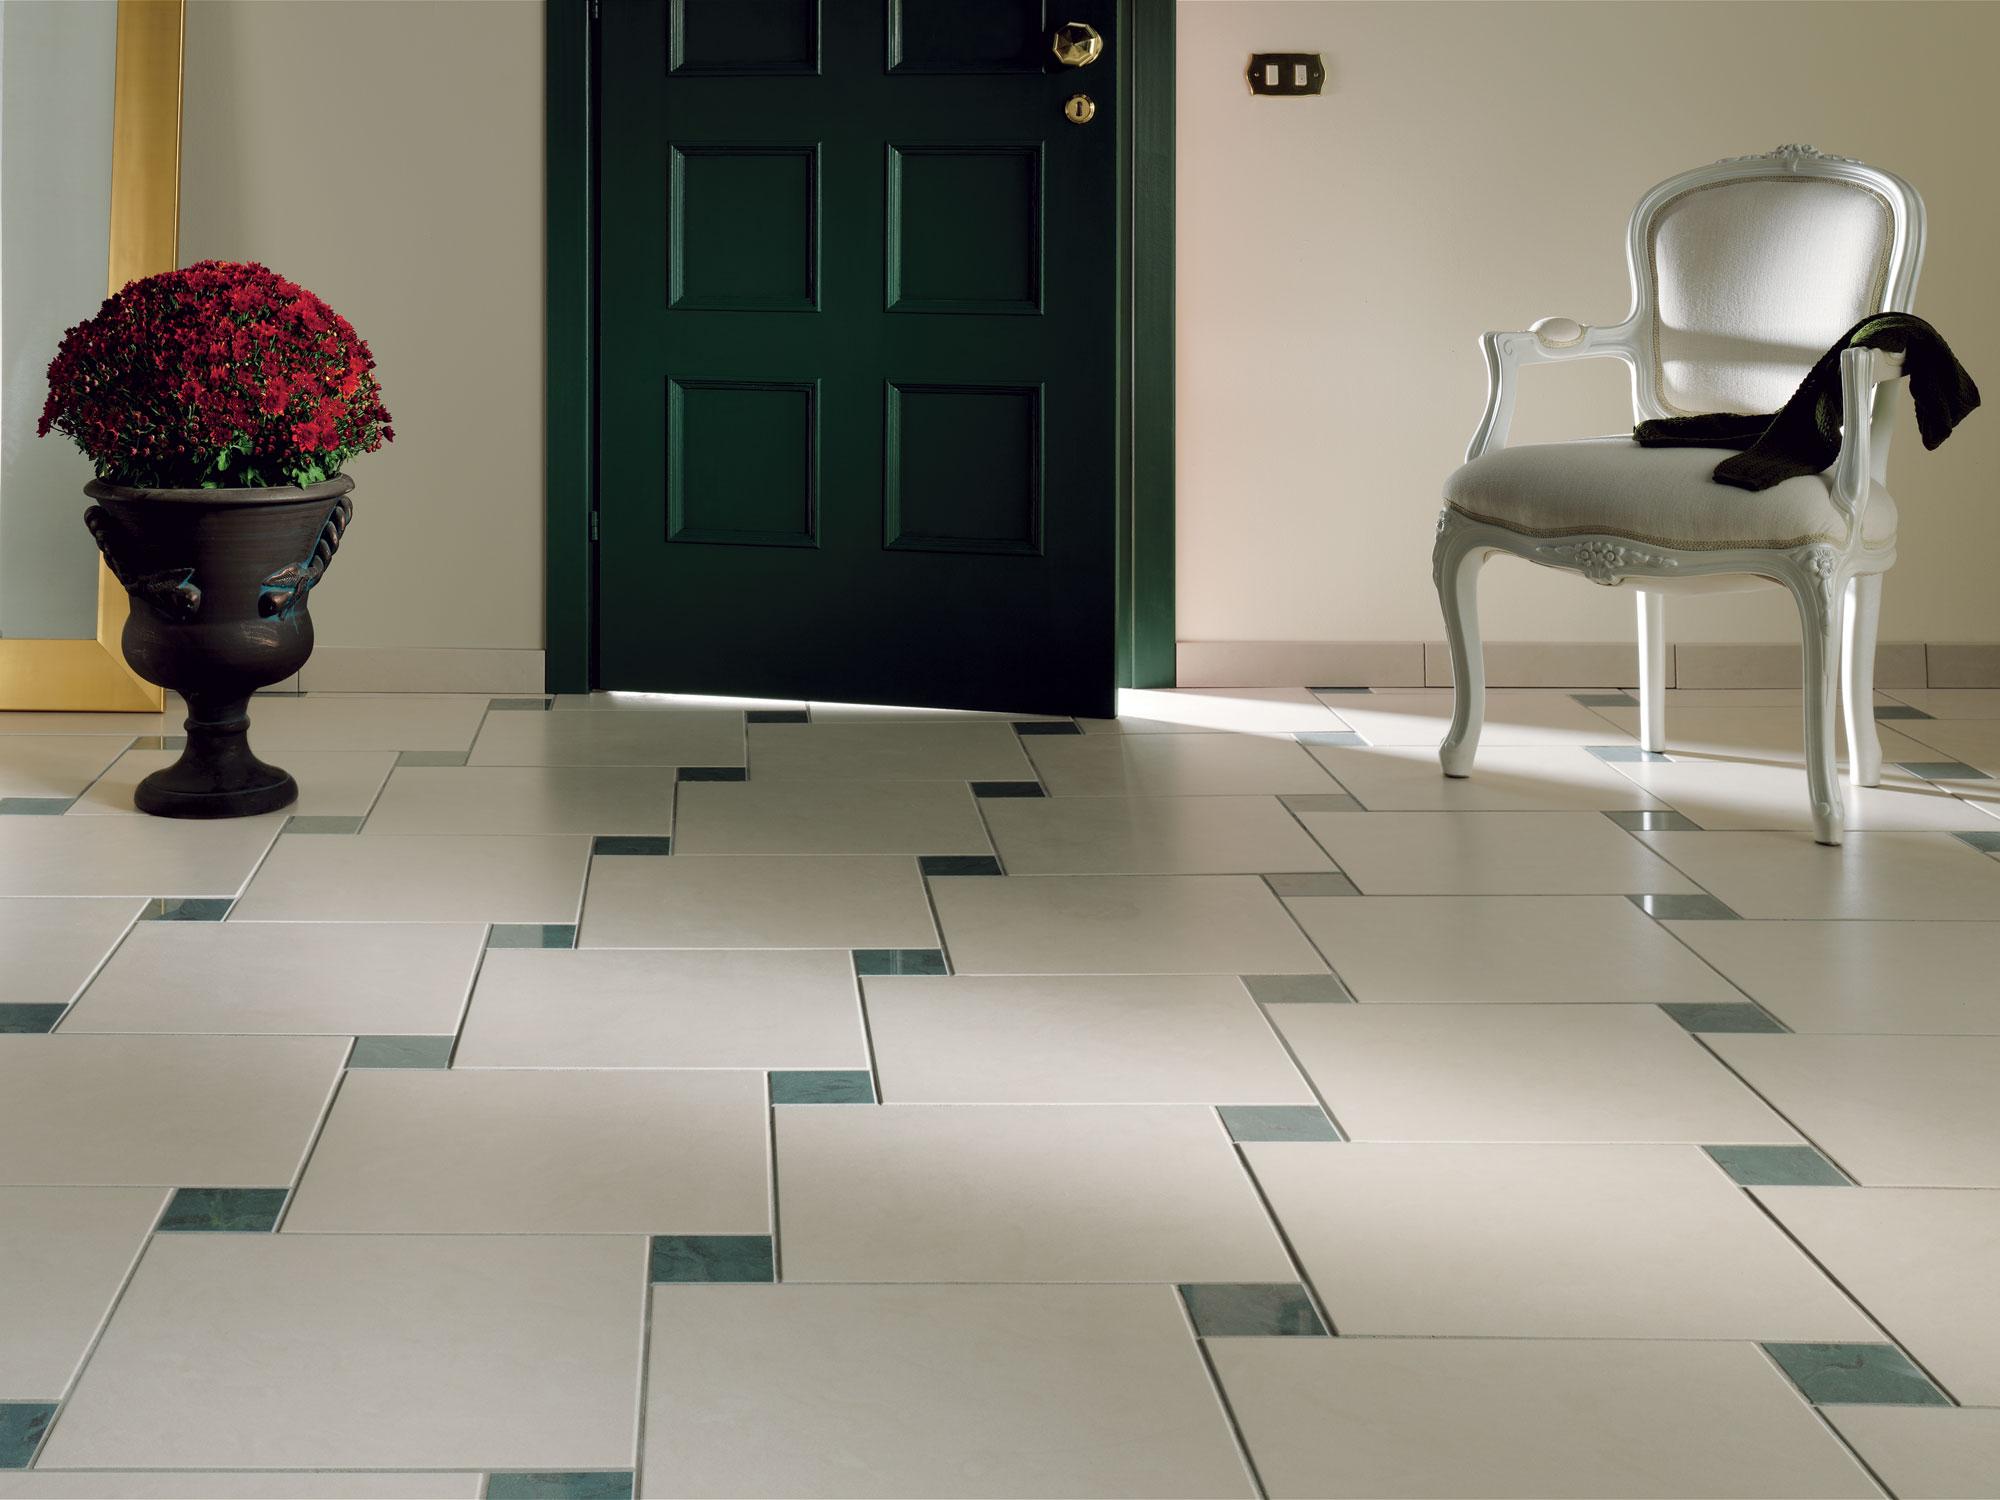 коридор с плиткой на полу